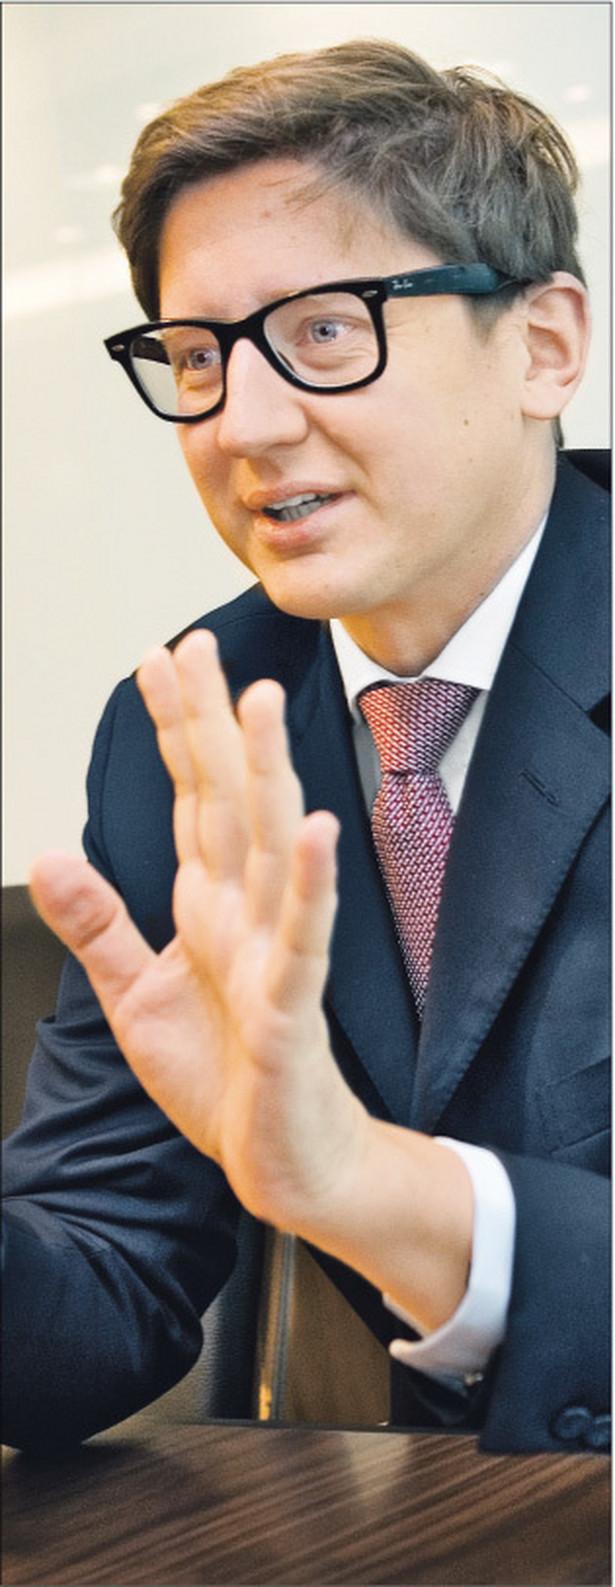 Paweł Pietkiewicz, adwokat, absolwent Wydziału Prawa i Administracji Uniwersytetu Warszawskiego. Studiował także w Belgii, na Uniwersytecie w Utrechcie w Holandii, a także na Uniwersytecie Panthéon-Assas w Paryżu. Jest partnerem kierującym departamentem postępowań spornych w warszawskim biurze CMS Cameron McKenna Fot. Wojciech Górski